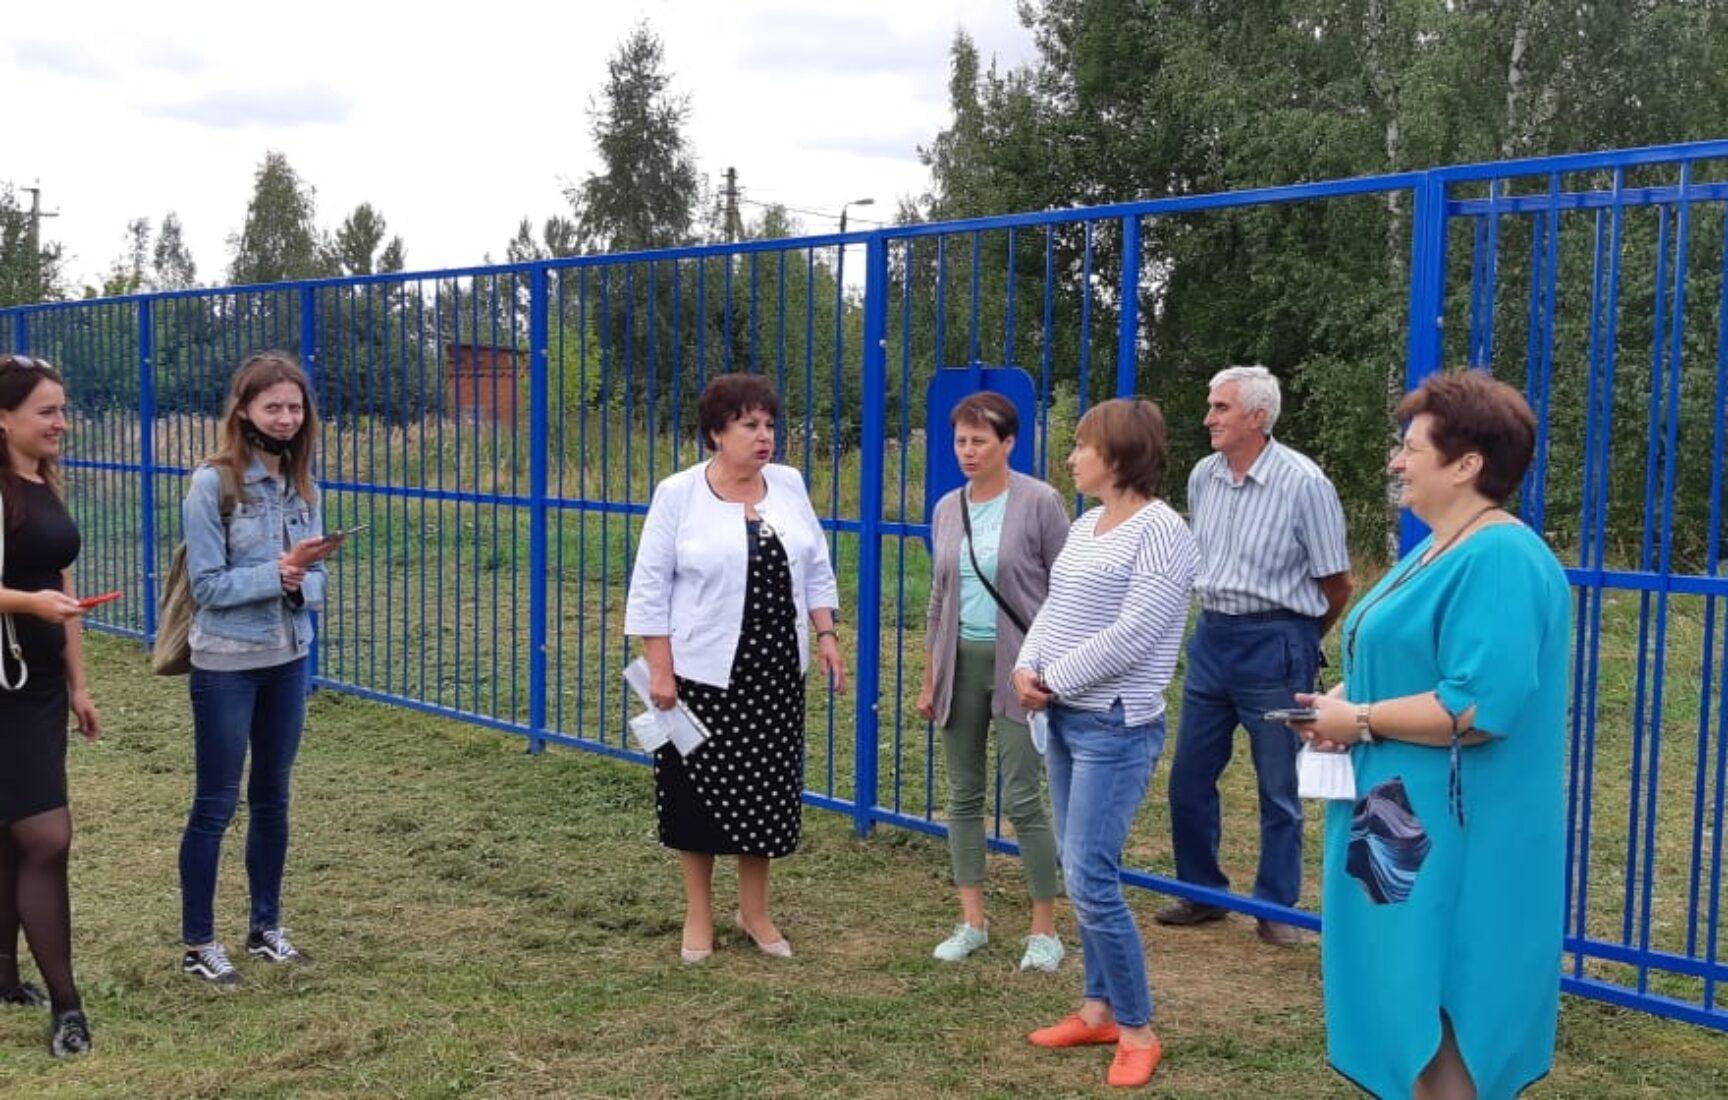 Дети поселка Головеньковский Щекинского района будут заниматься спортом на обновленном стадионе